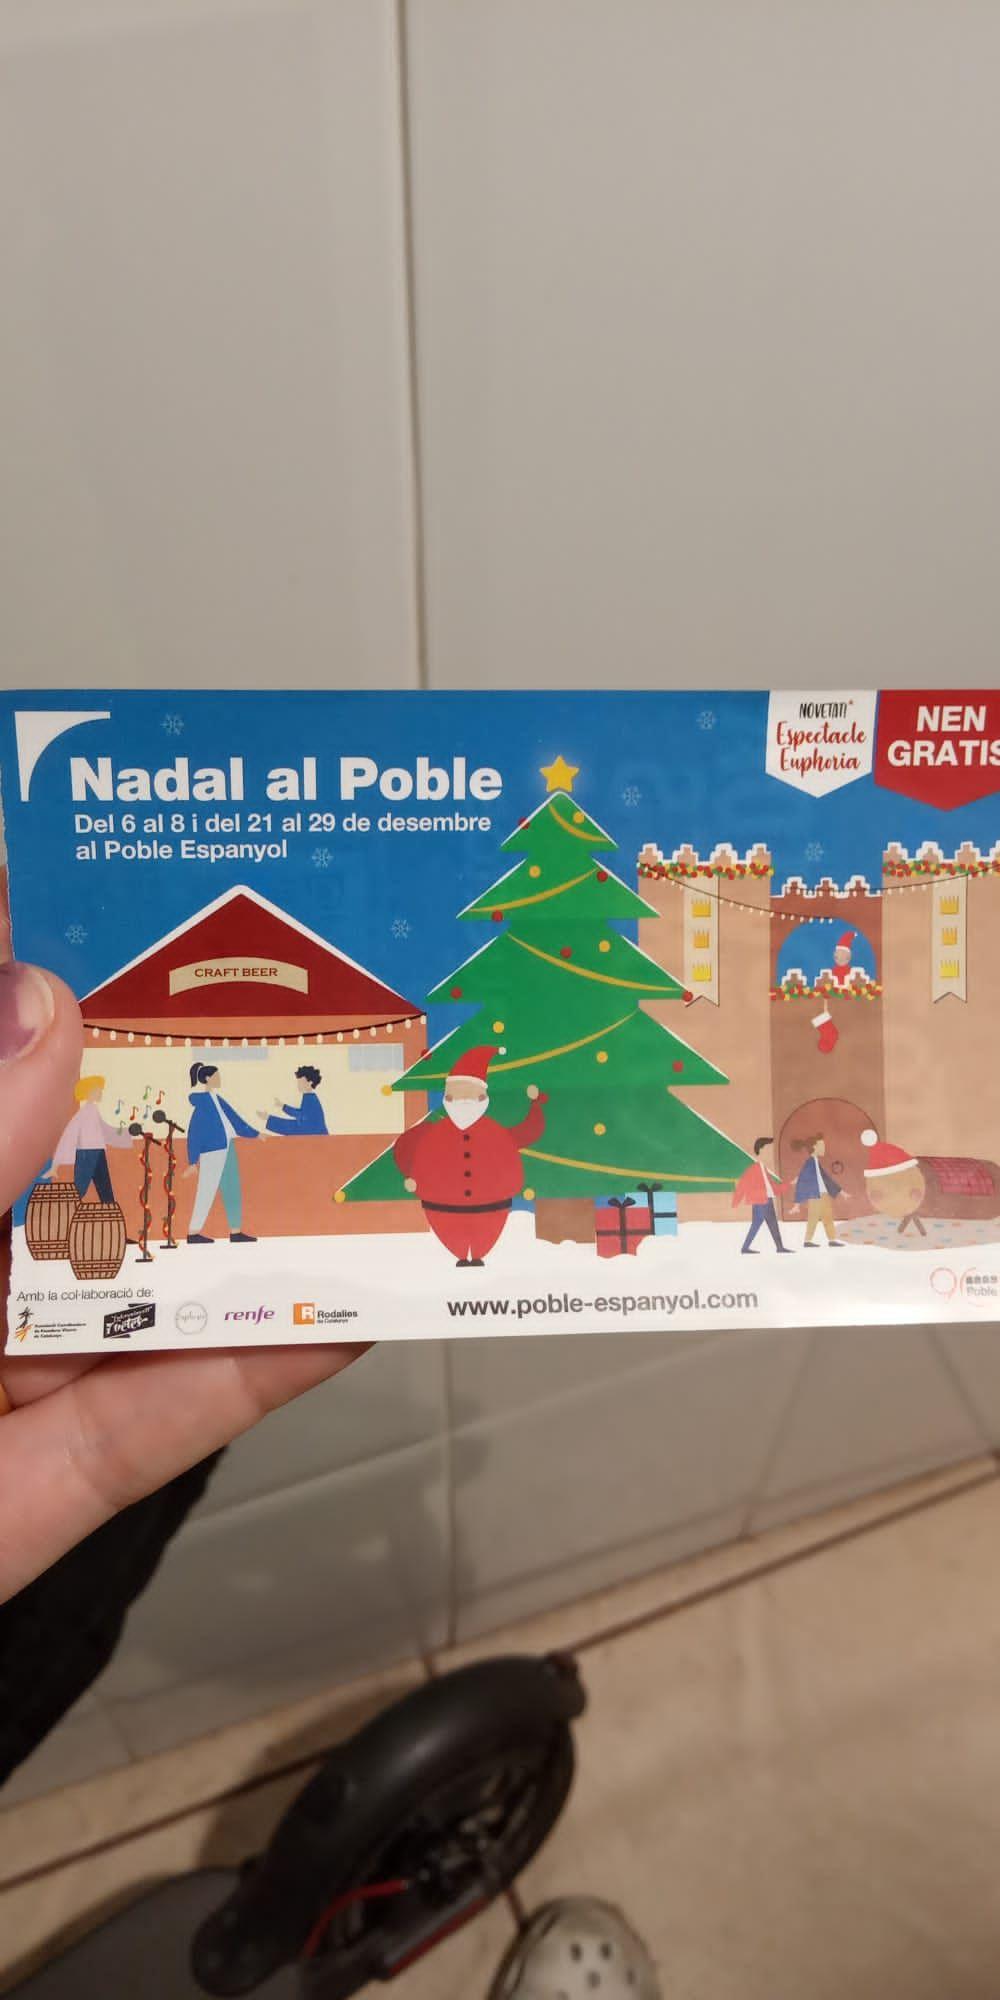 Entrada gratis para niños al Pueblo Español.